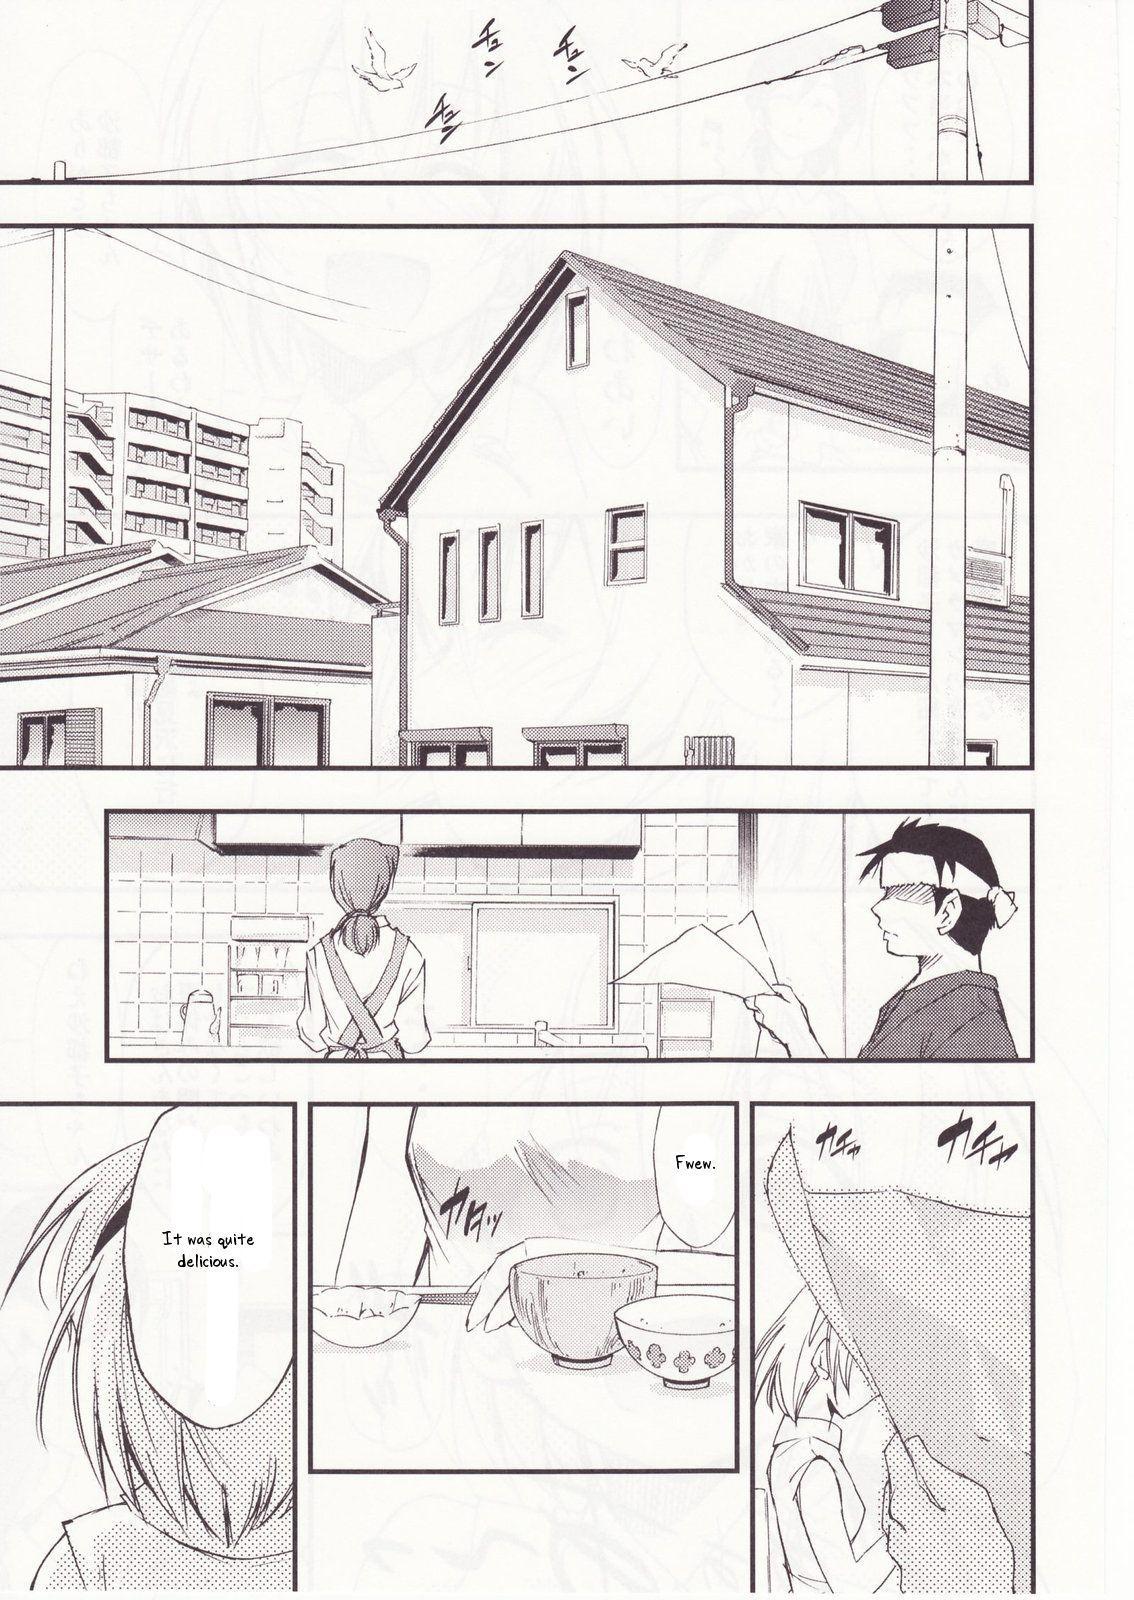 Higurashi no Naku You ni San 139